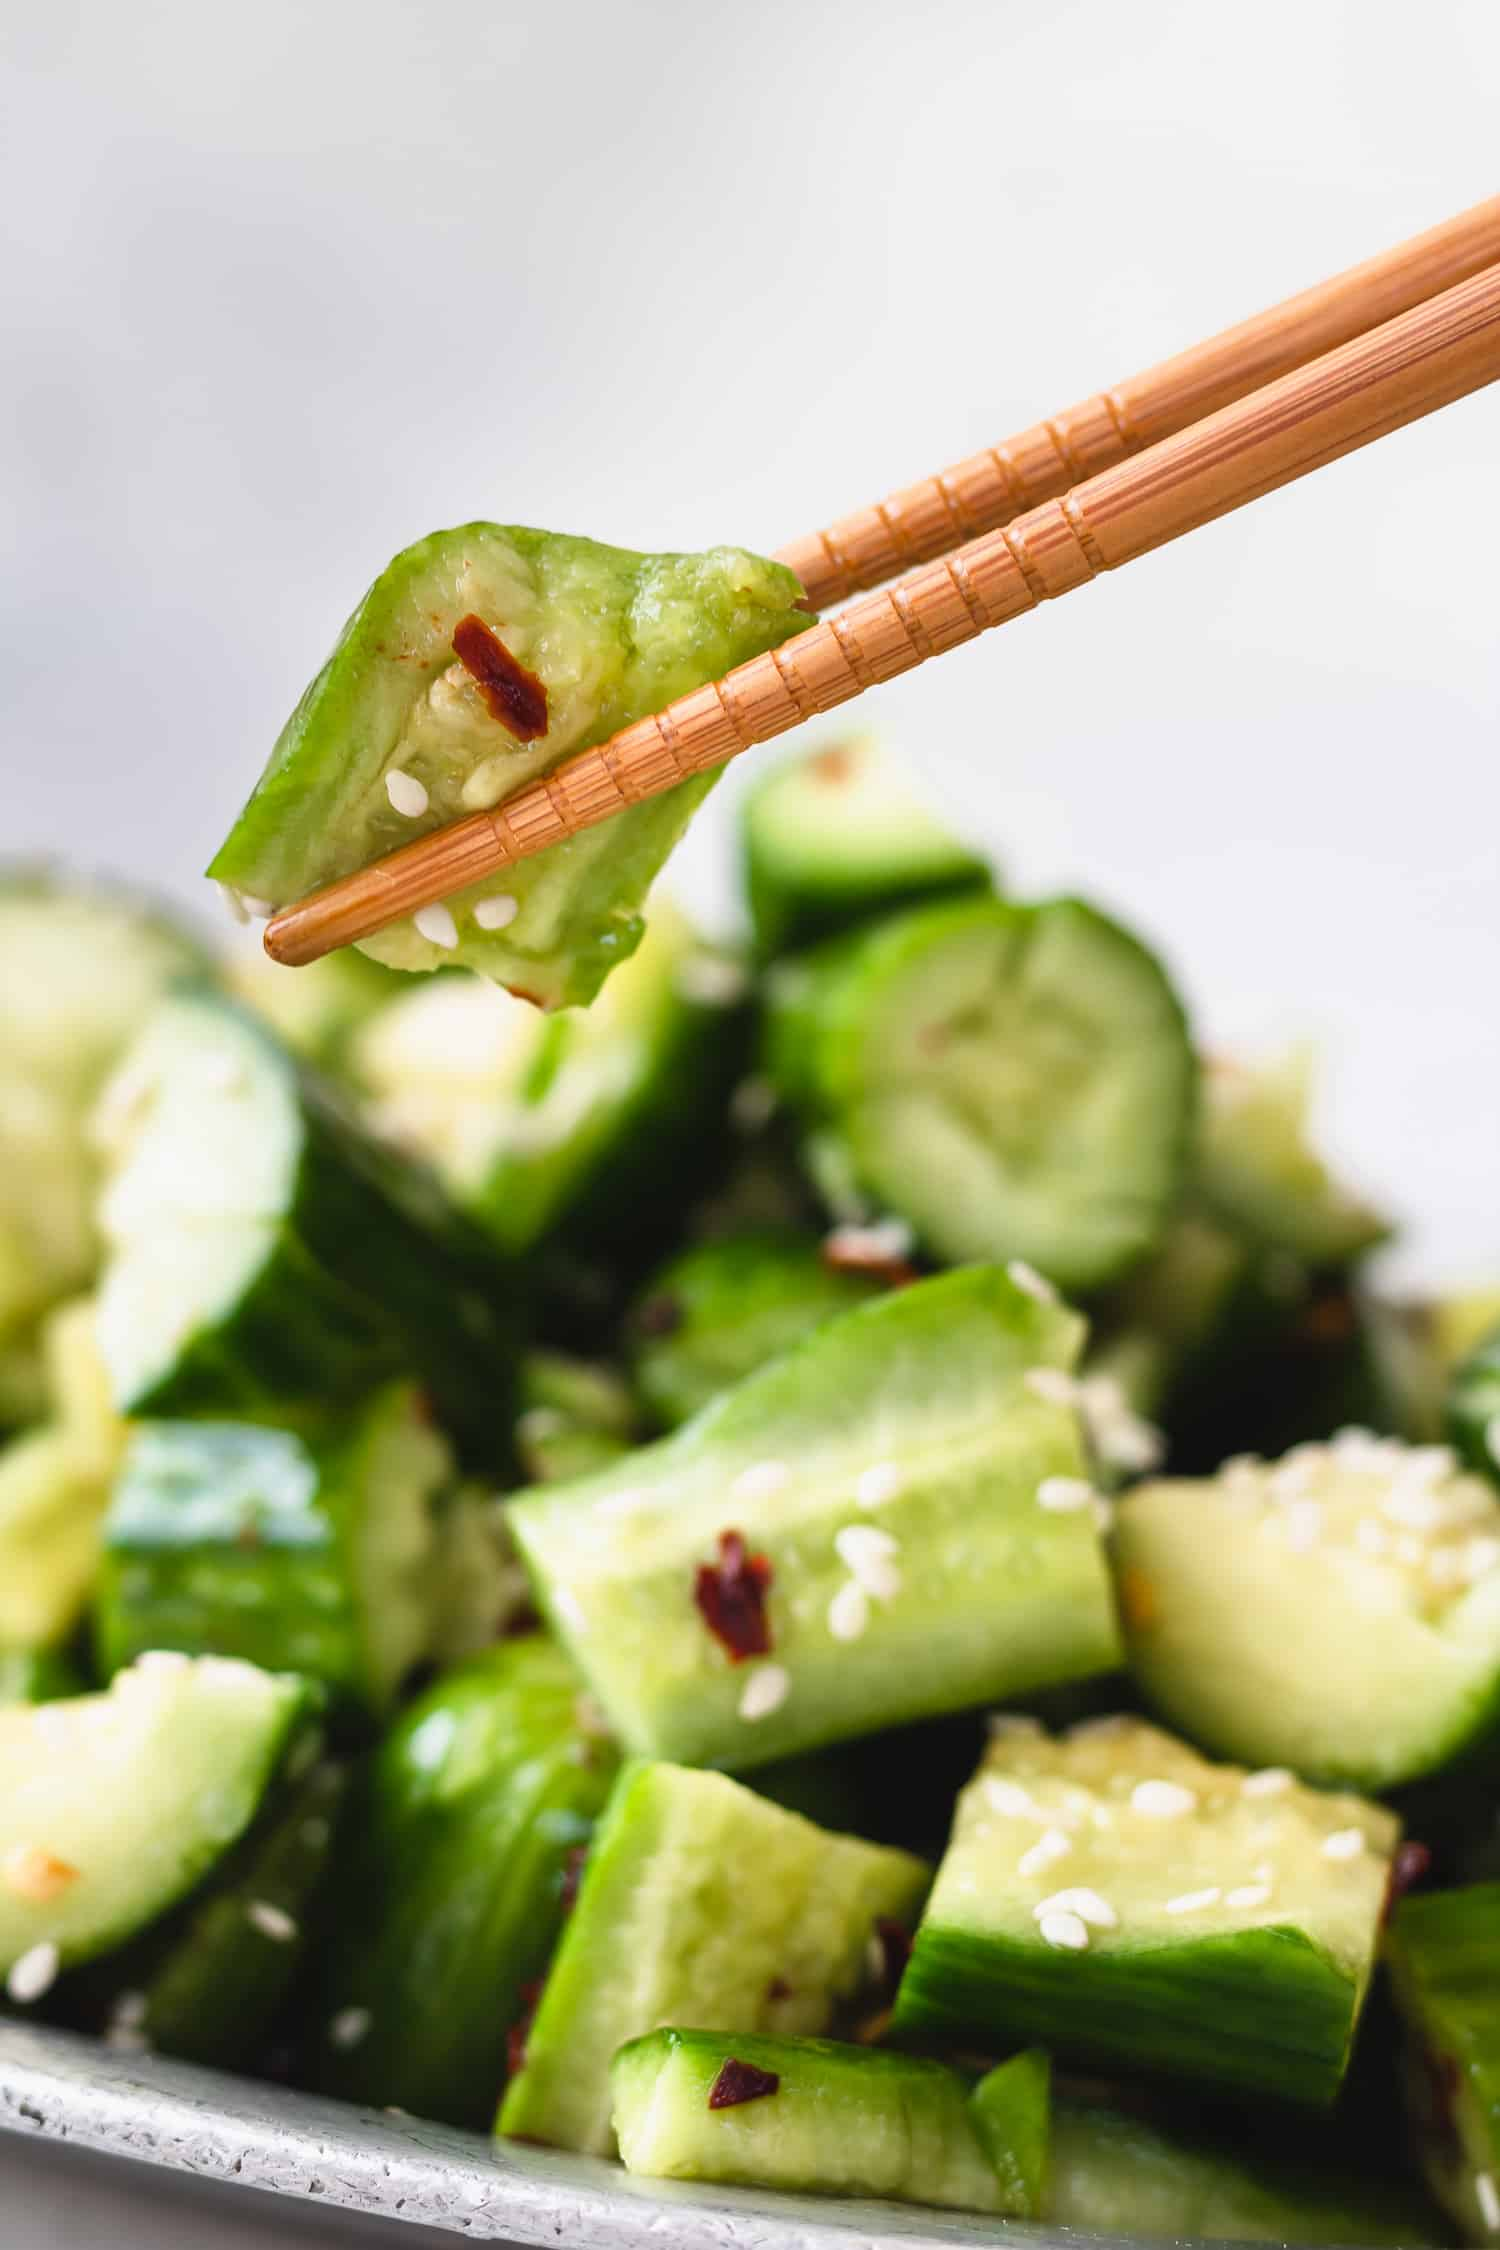 chopsticks holding up a piece of cucumber salad